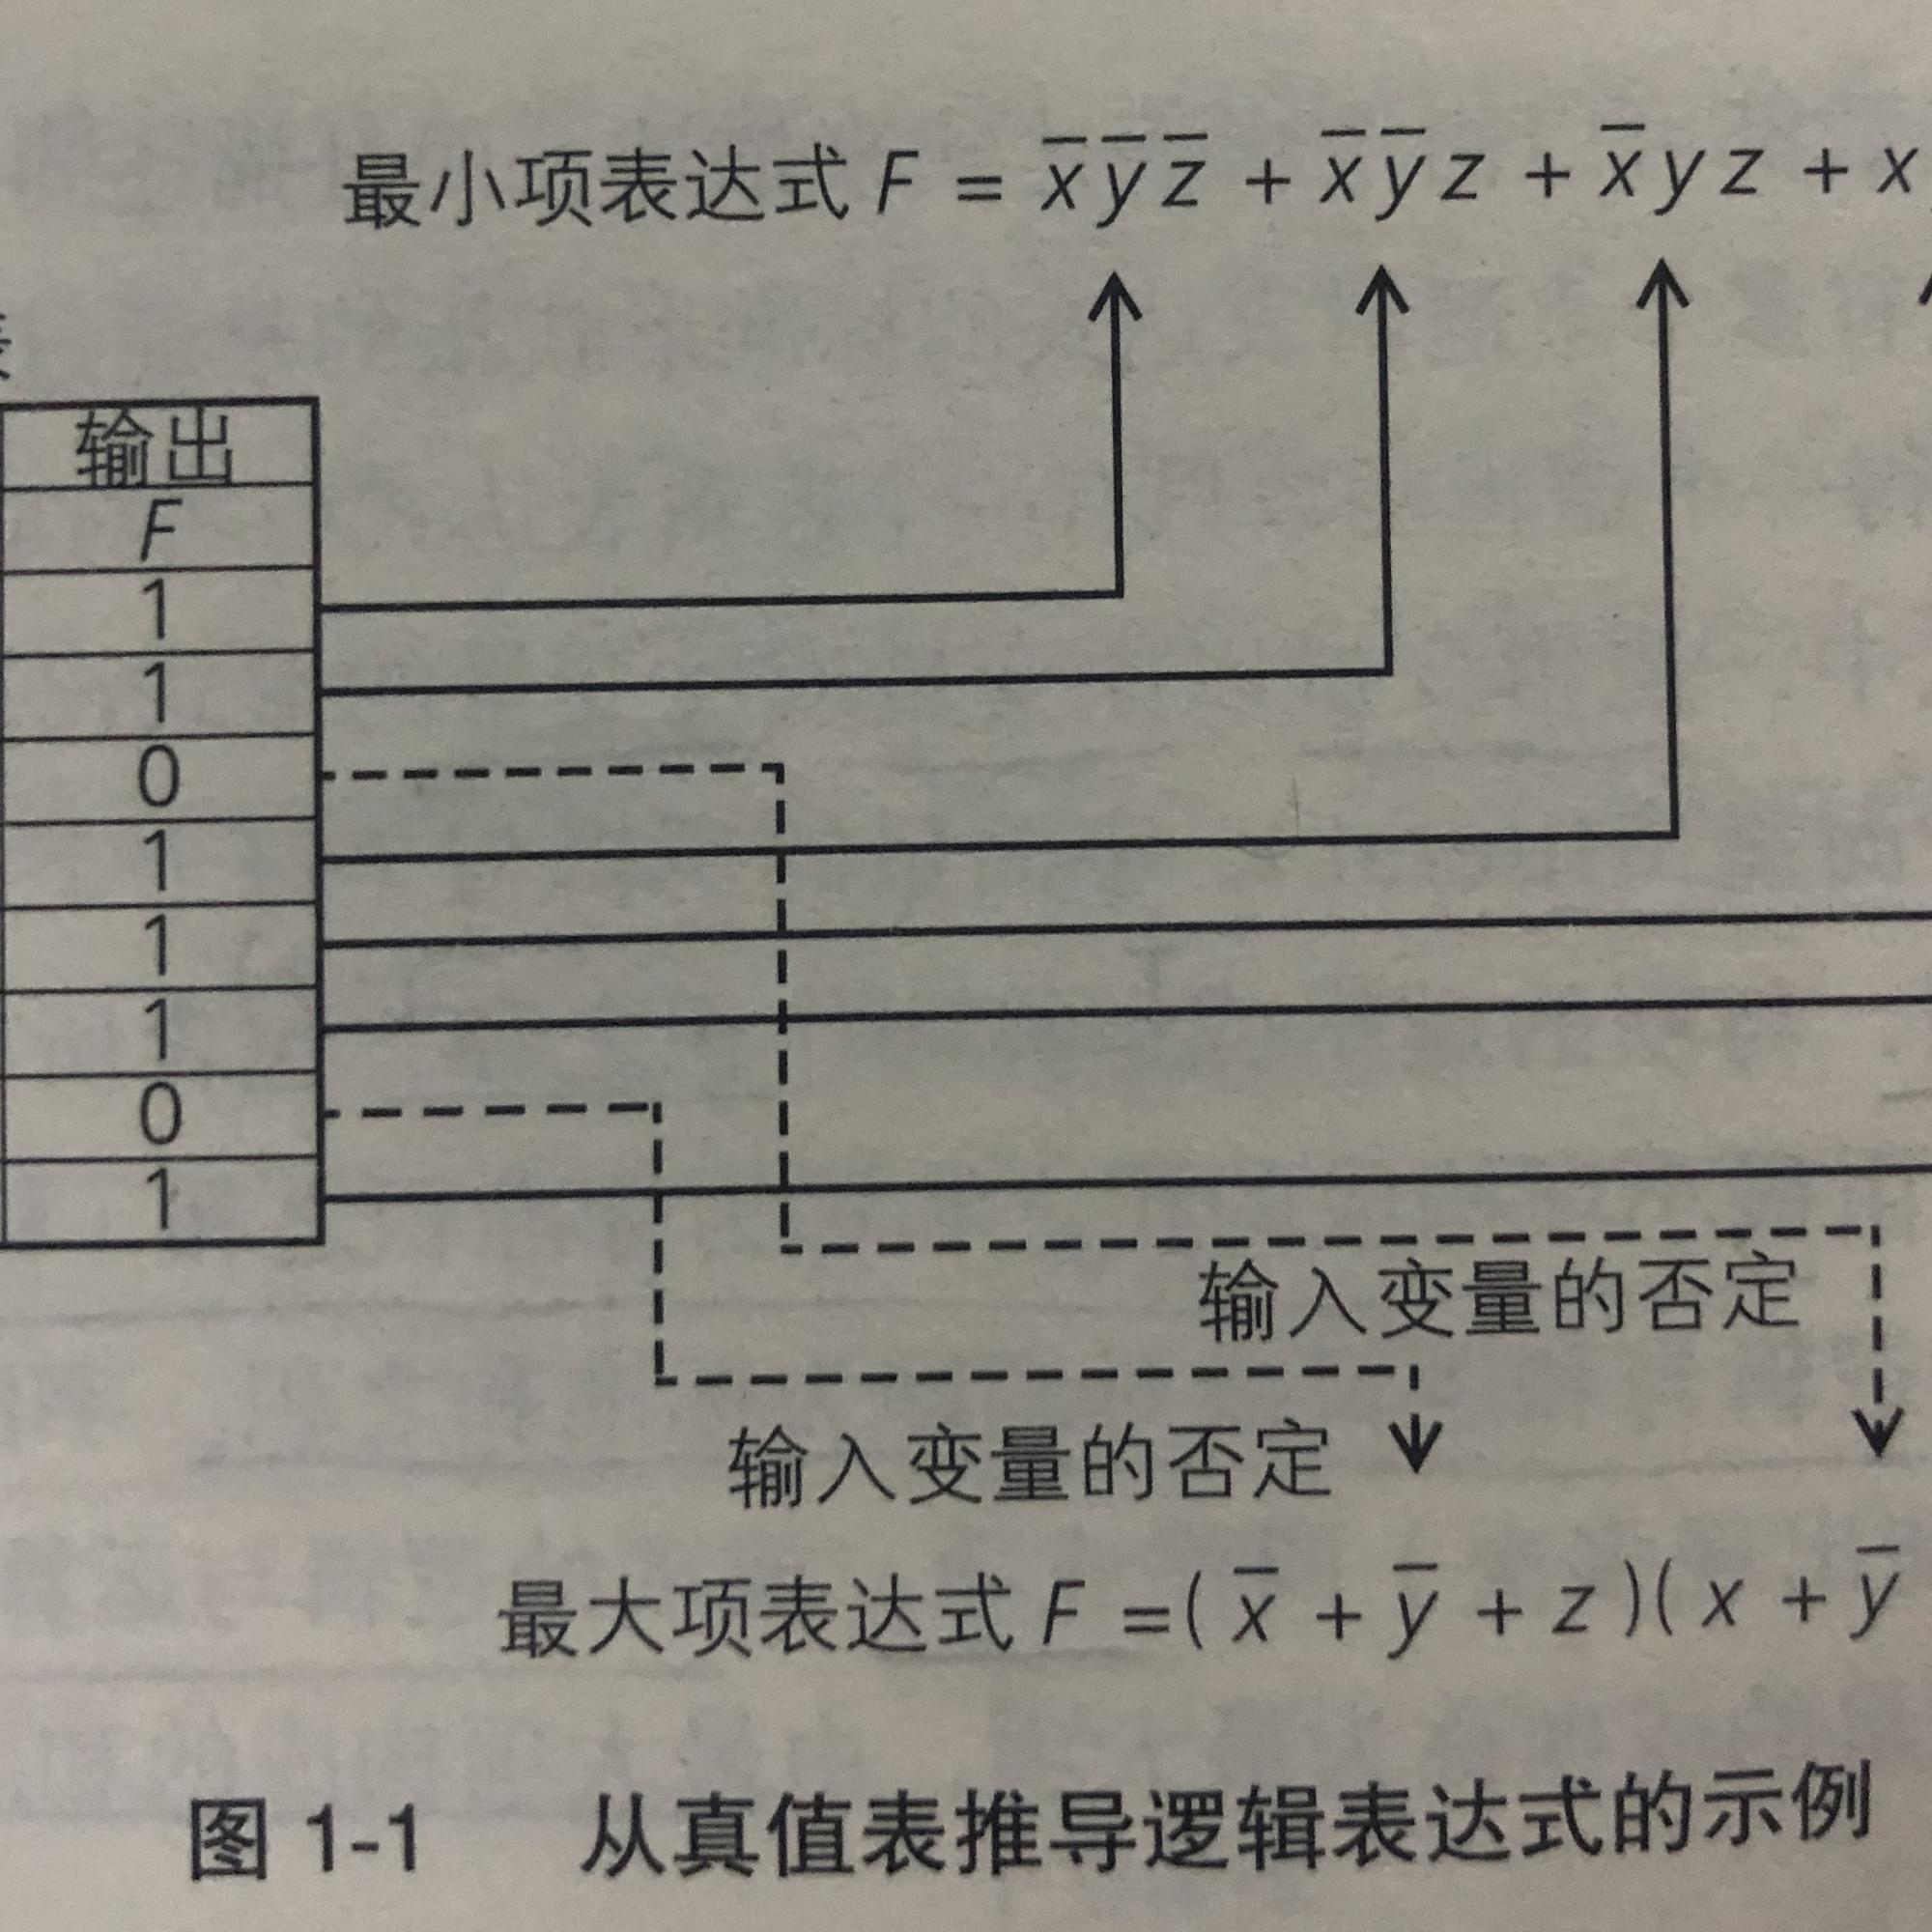 【雨的FPGA筆記】基礎知識-------邏輯電路(1)